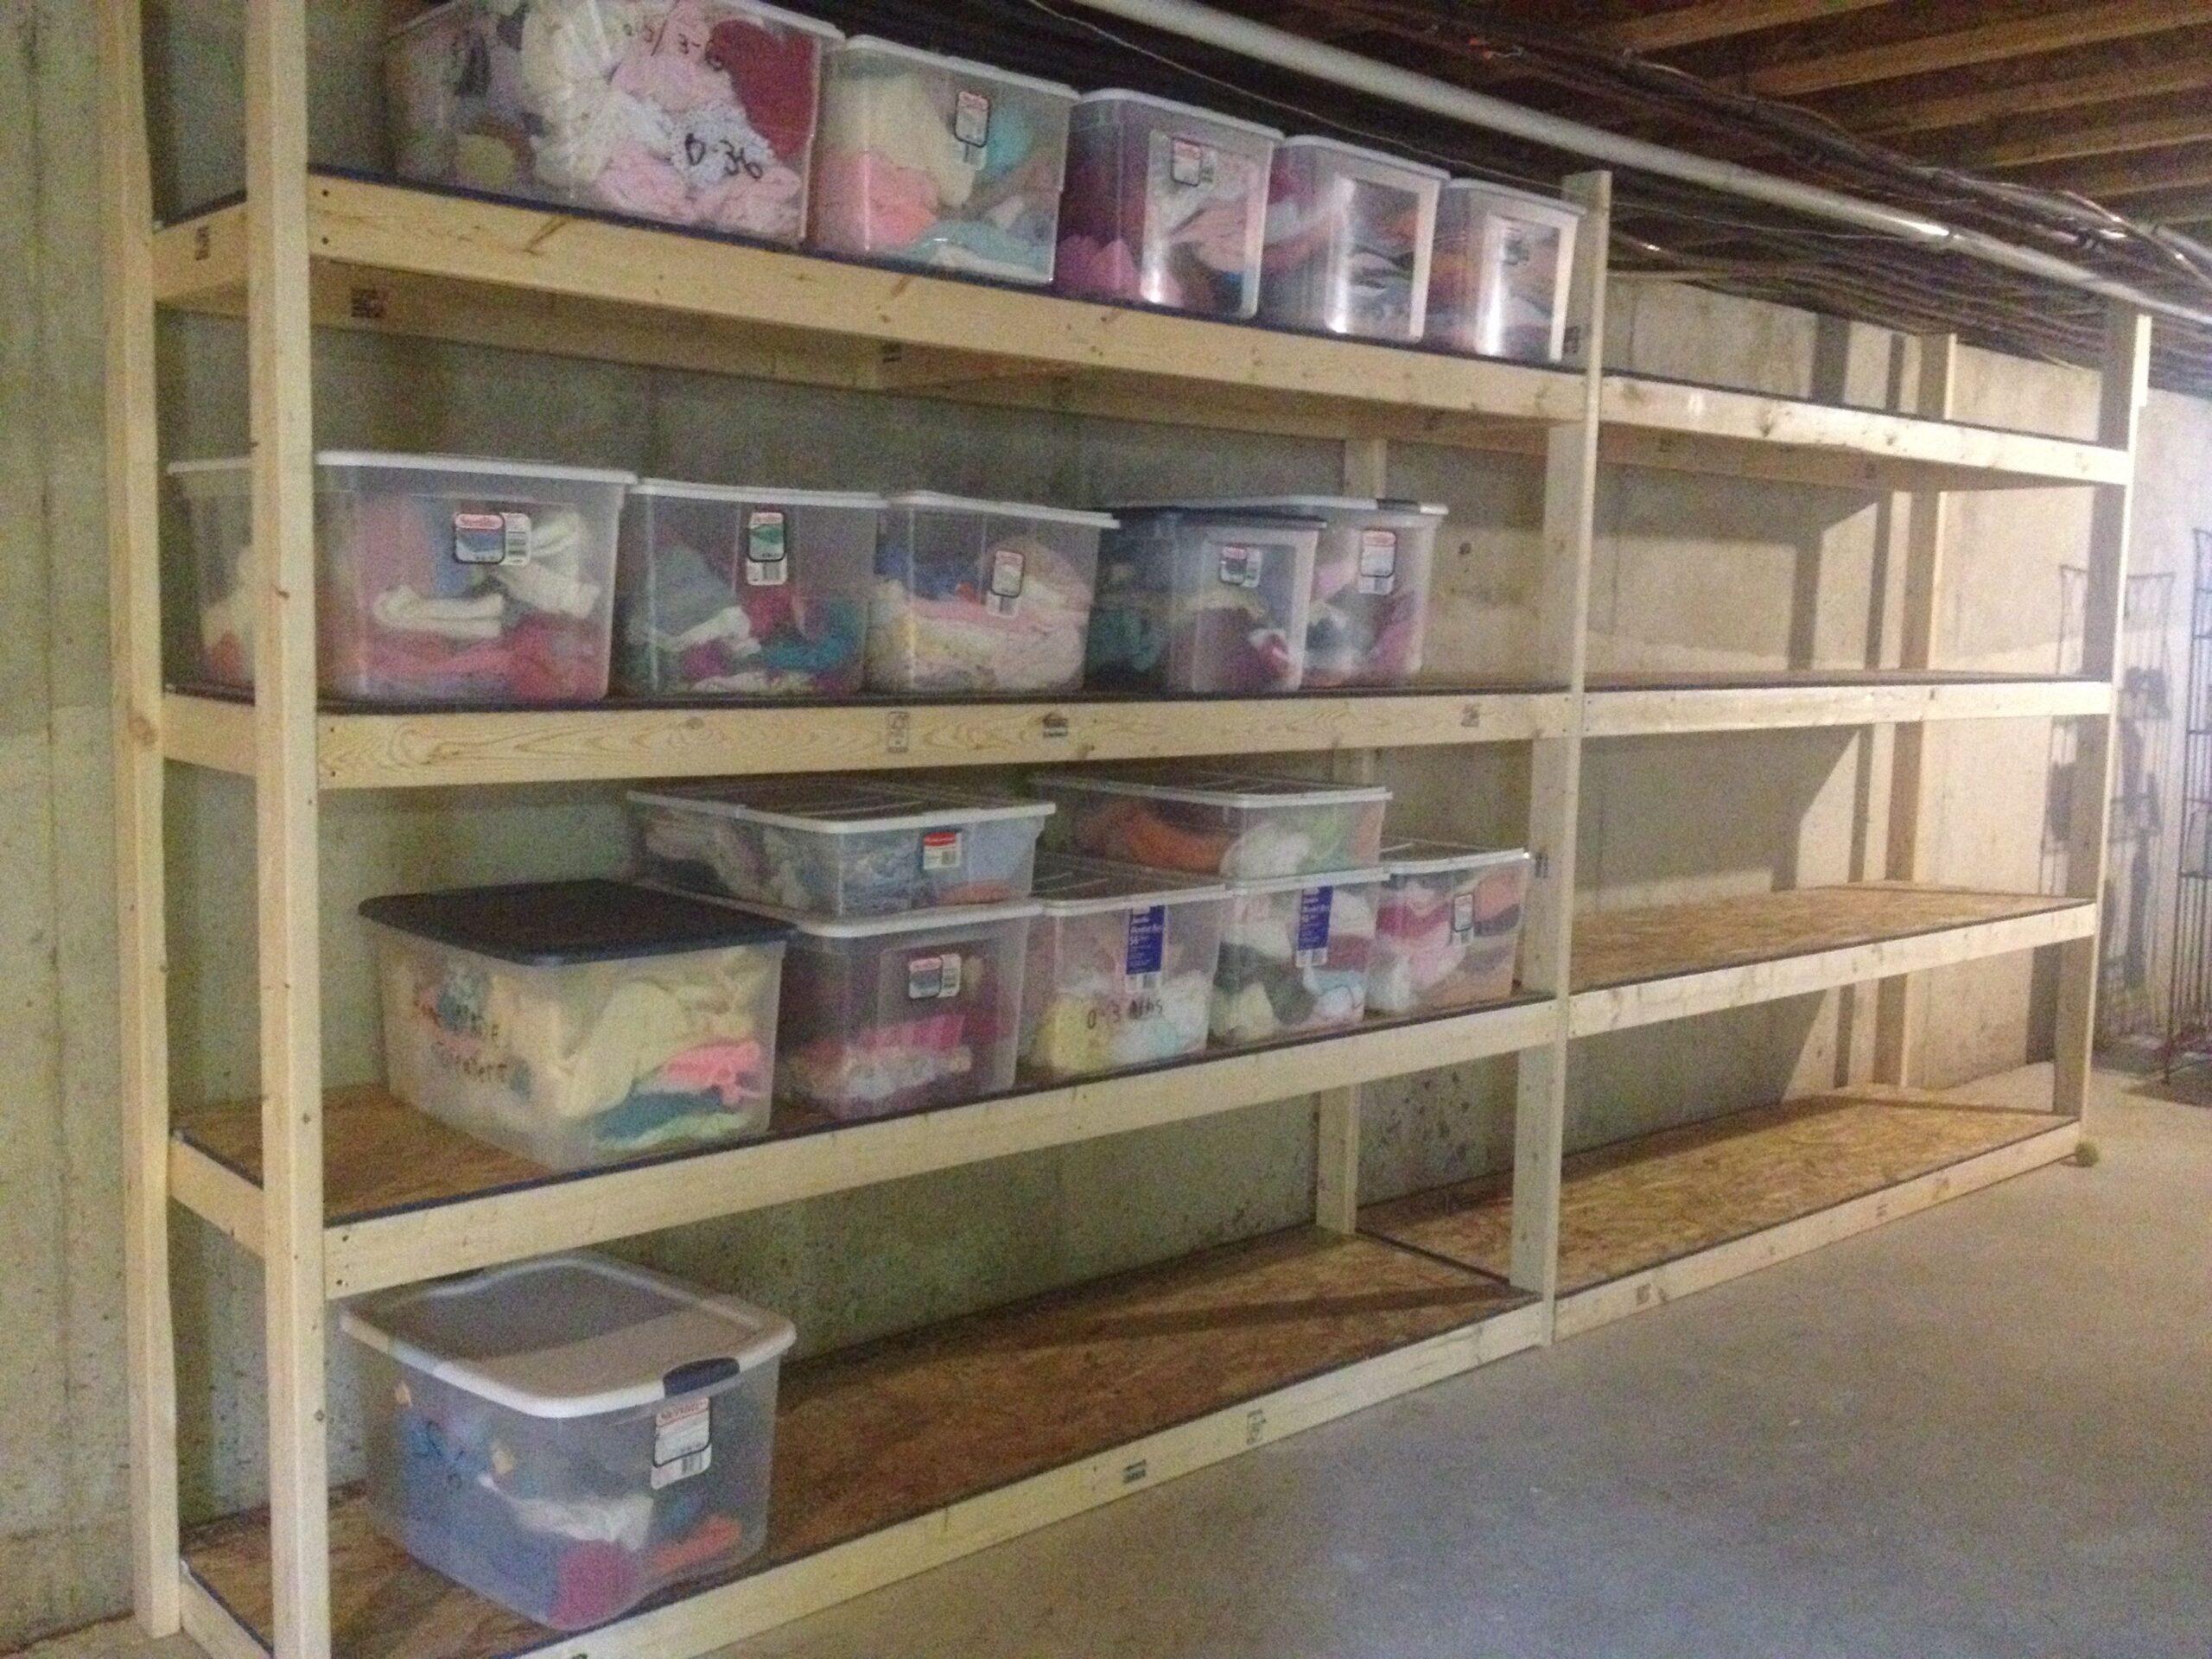 Full Size of Regale Keller 17 Exalted Wood Working Interior Ideas In 2020 Meta Paschen Weiße Berlin Für Kaufen Obi Cd Kleine Kinderzimmer Dvd Amazon Holz Roller Aus Regal Regale Keller